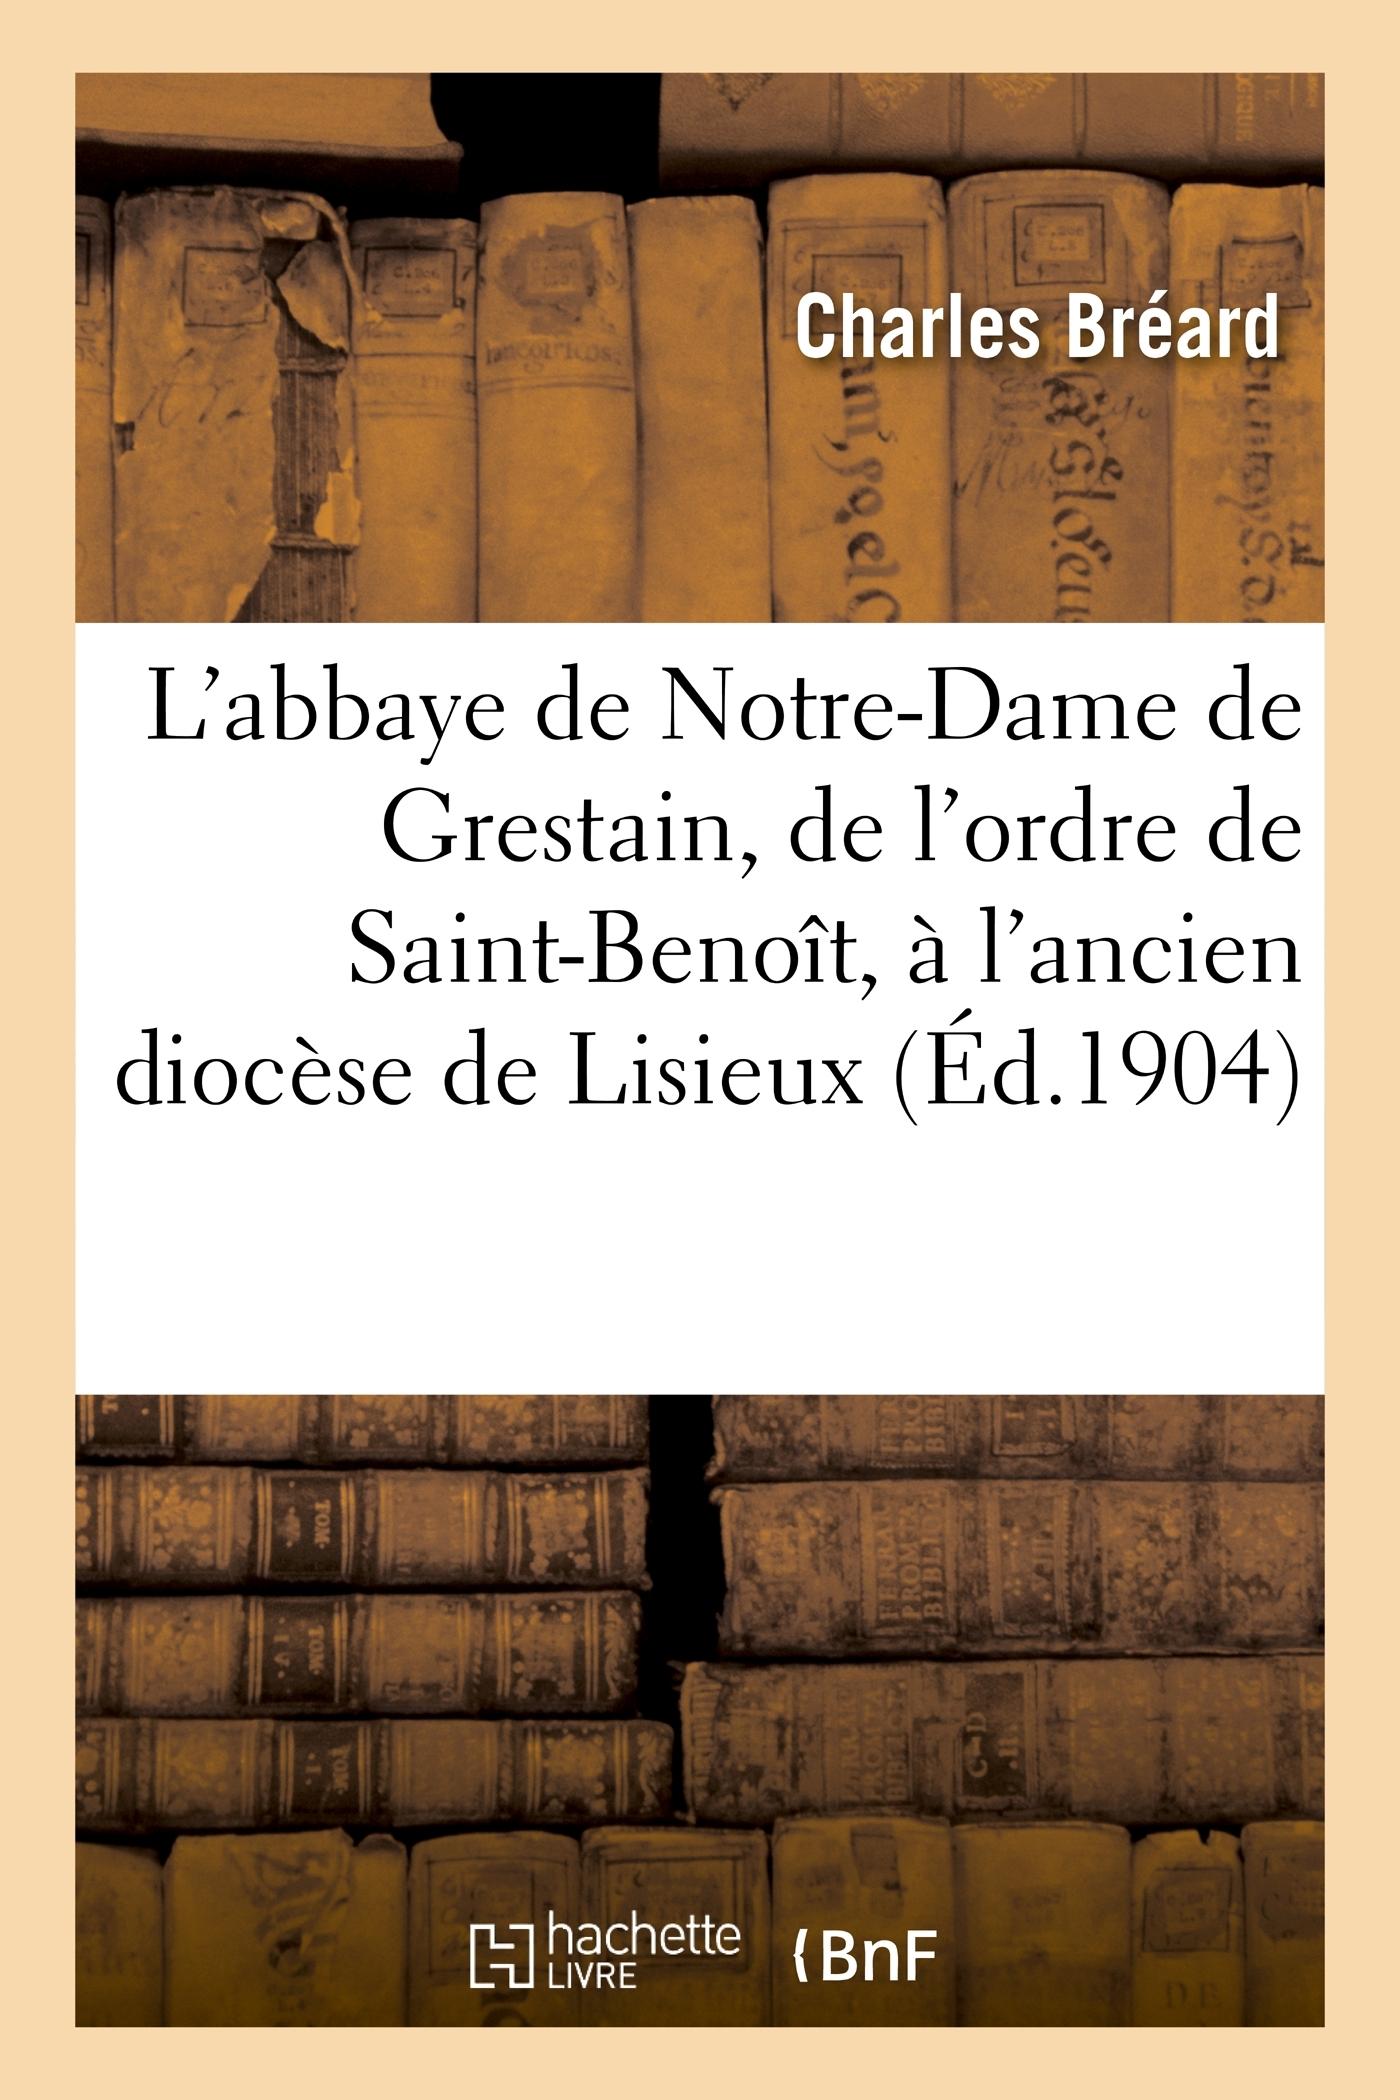 L'ABBAYE DE NOTRE-DAME DE GRESTAIN, DE L'ORDRE DE SAINT-BENOIT, A L'ANCIEN DIOCESE DE LISIEUX